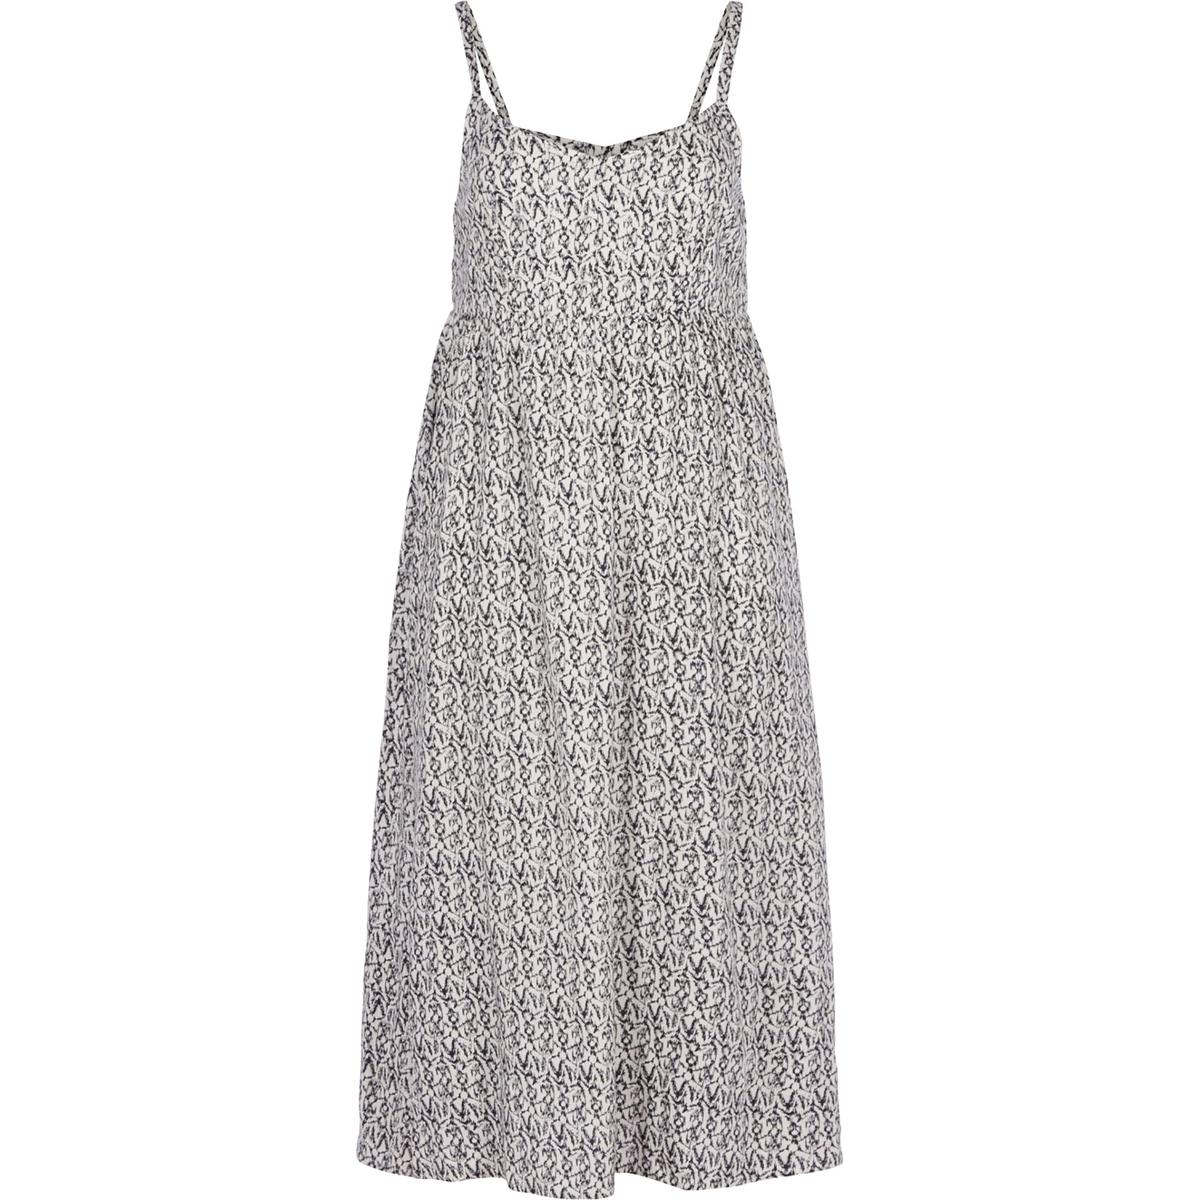 Платье ZIZZIПлатье ZIZZI. Длинное струящееся платье на тонких бретелях с рисунком.  100% вискоза.<br><br>Цвет: набивной рисунок<br>Размер: 46/48 (FR) - 52/54 (RUS)